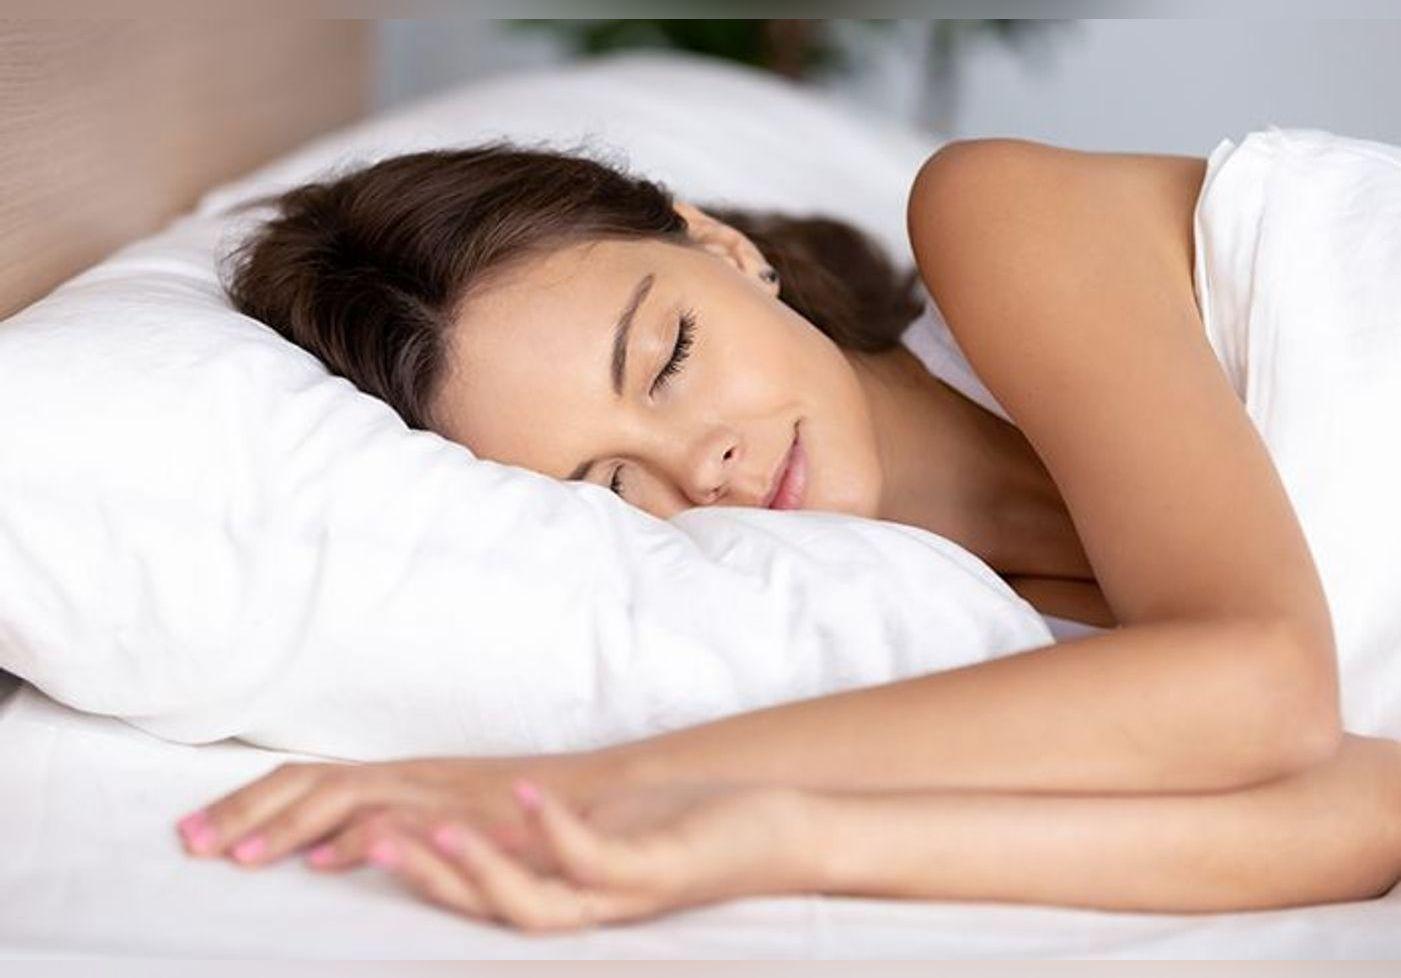 Sommeil : voici la température exacte de la chambre pour éviter les insomnies et dormir comme un bébé selon les scientifiques